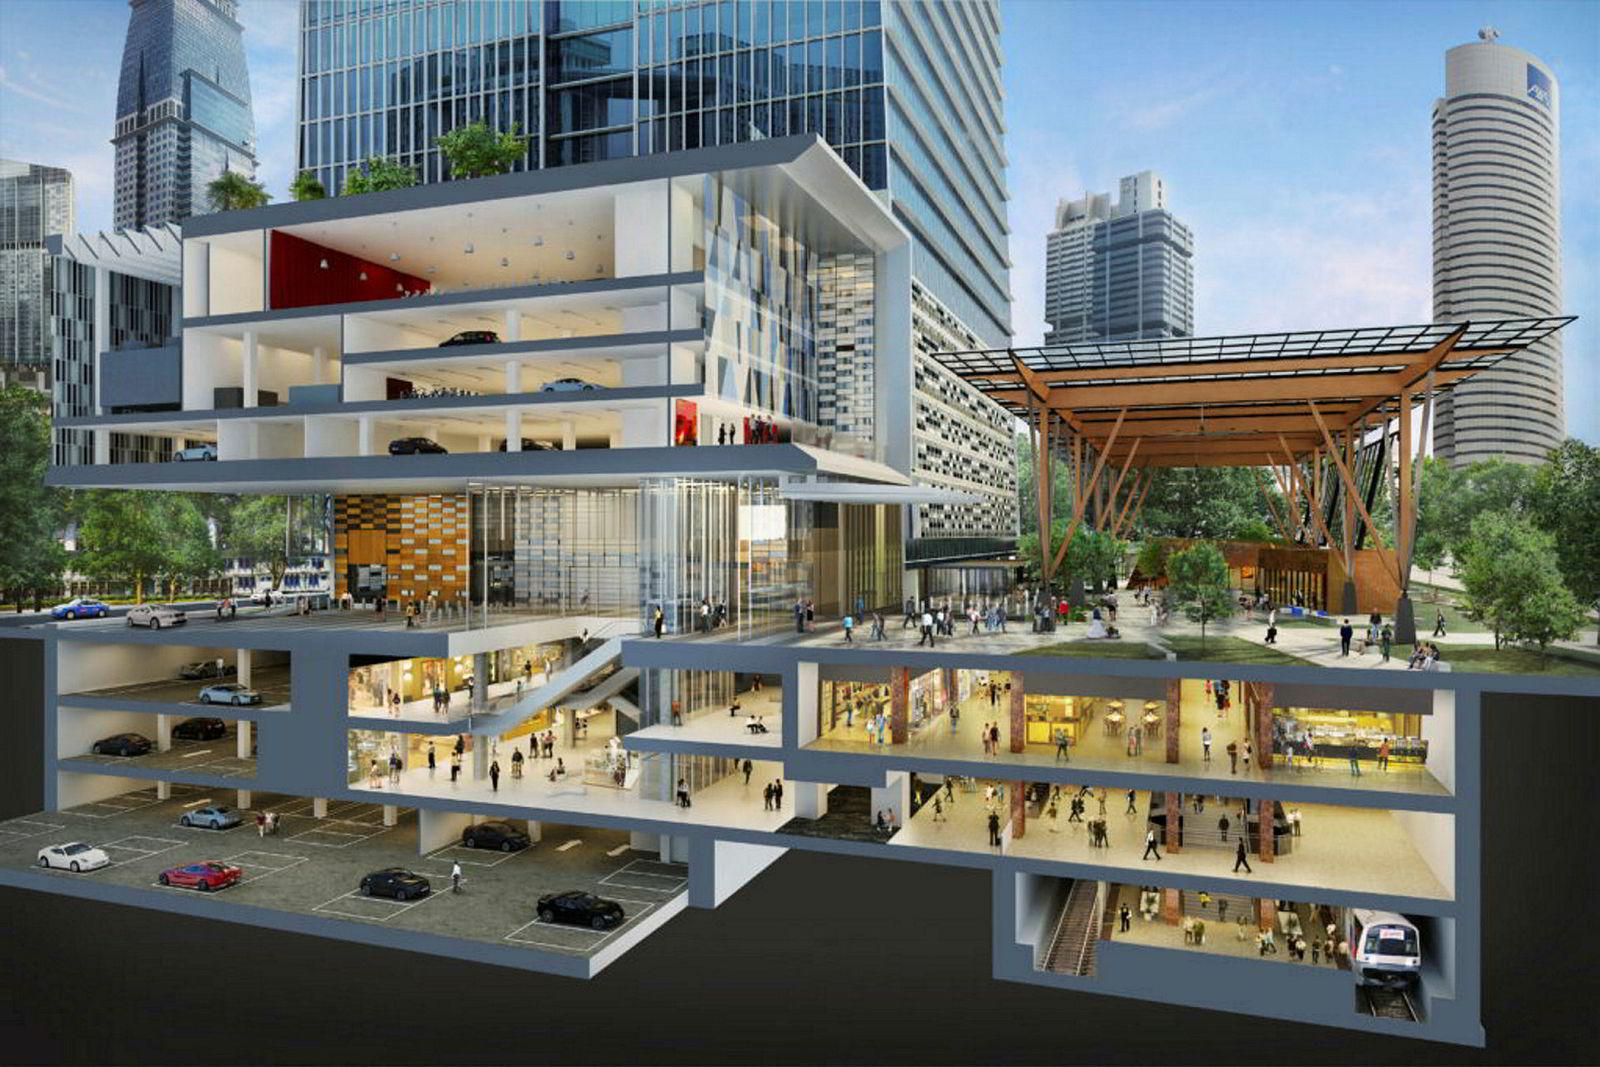 Boligene, kontorene og hotellet i Tanjon Pagar Centre får direkte adgang til Singapores undergrunnsbane (MRT).